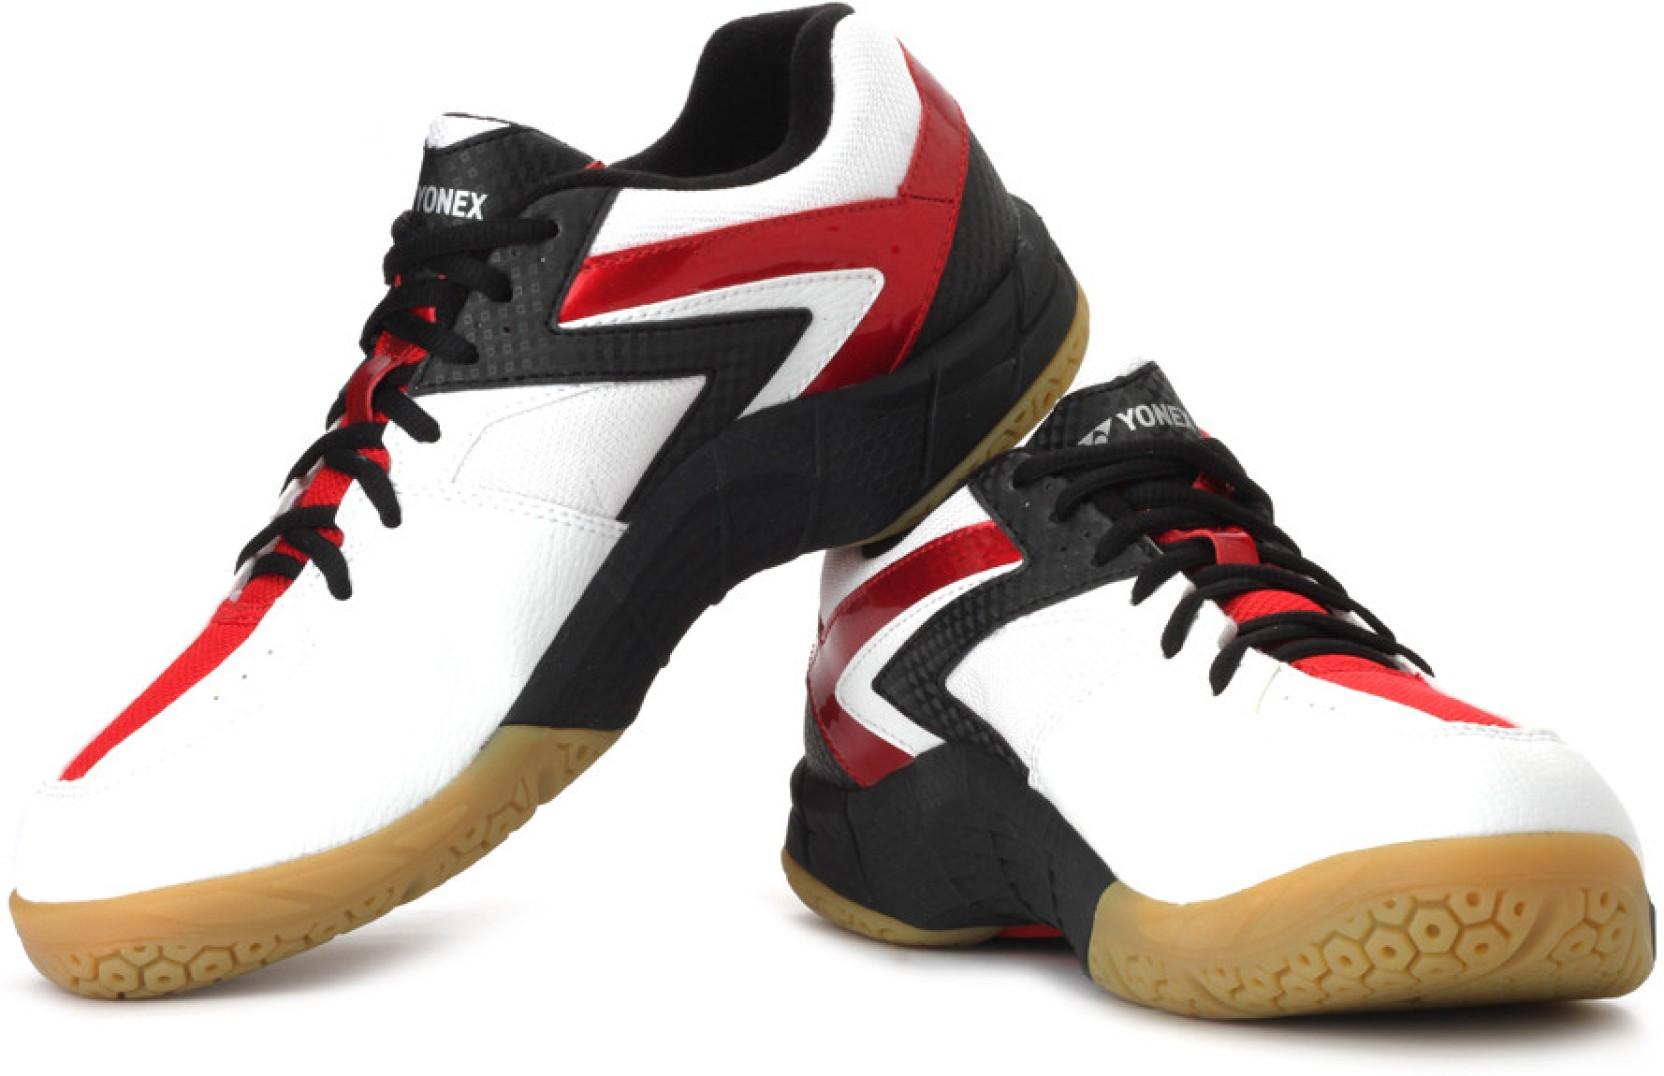 Buy Yonex Shb  Iex Badminton Shoes